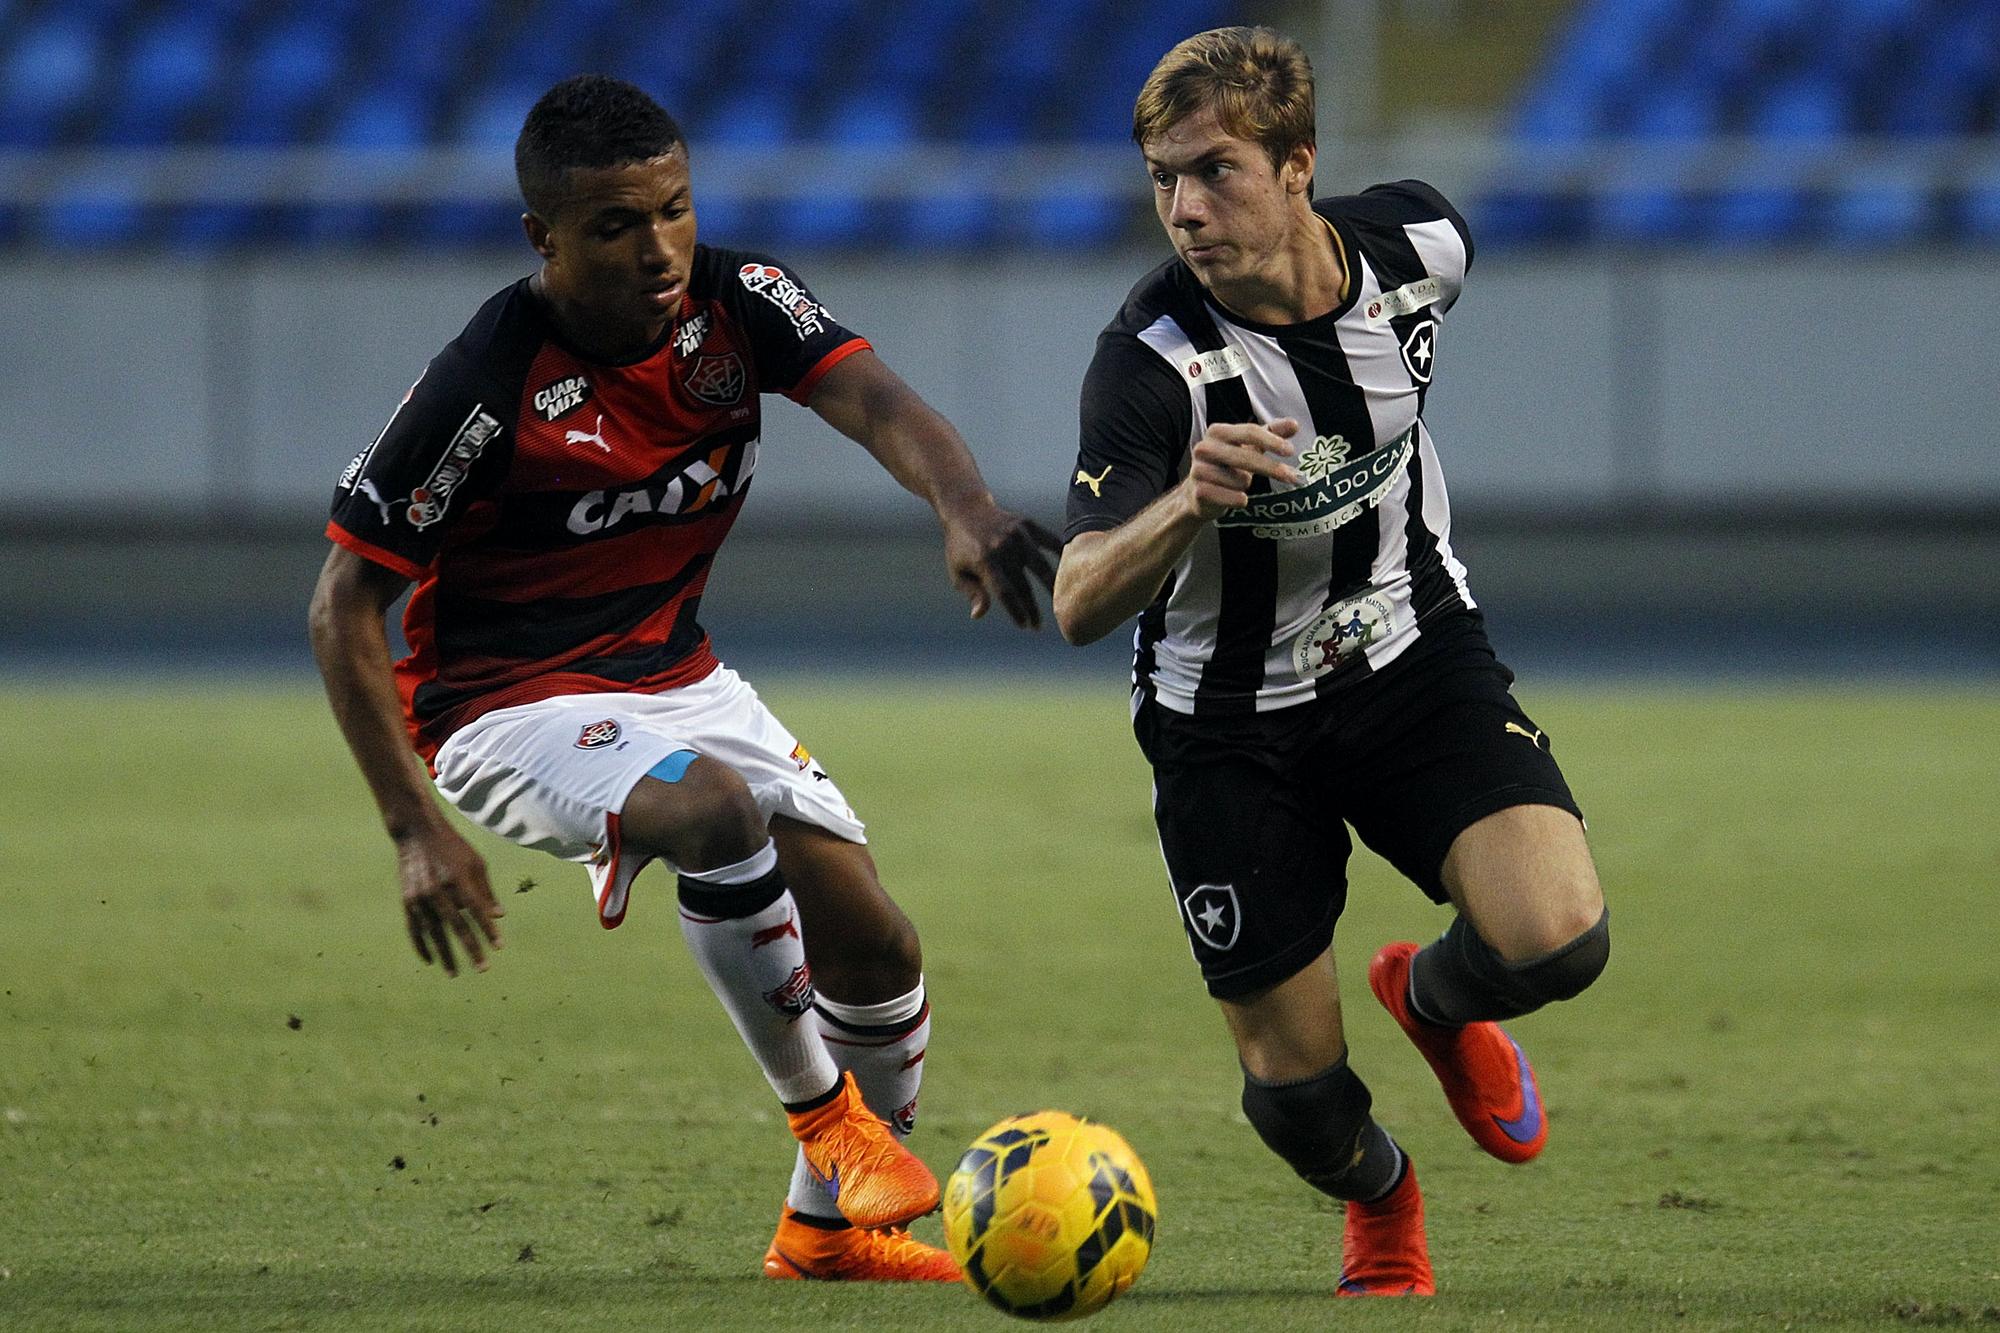 Dos R  60 milhões aos 35%  o fim do ciclo do menino de ouro do Botafogo 14c40e2db20b5